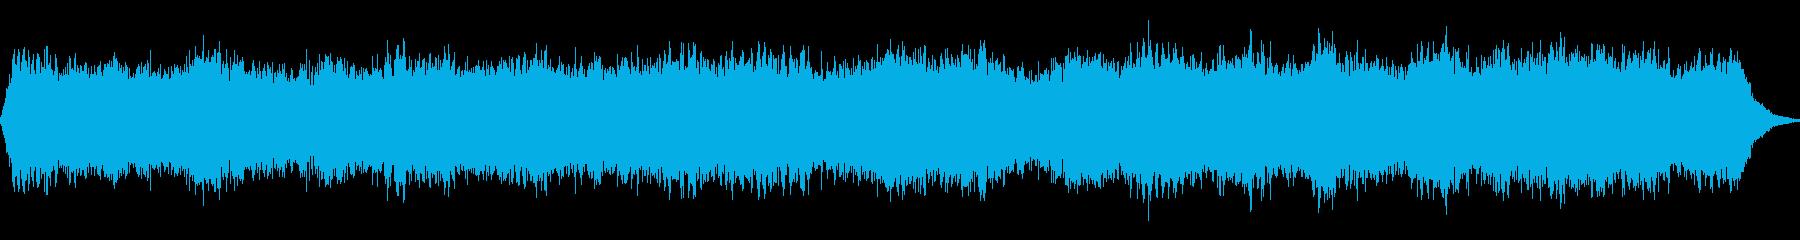 柔らかなパッド音によるアンビエント音の再生済みの波形